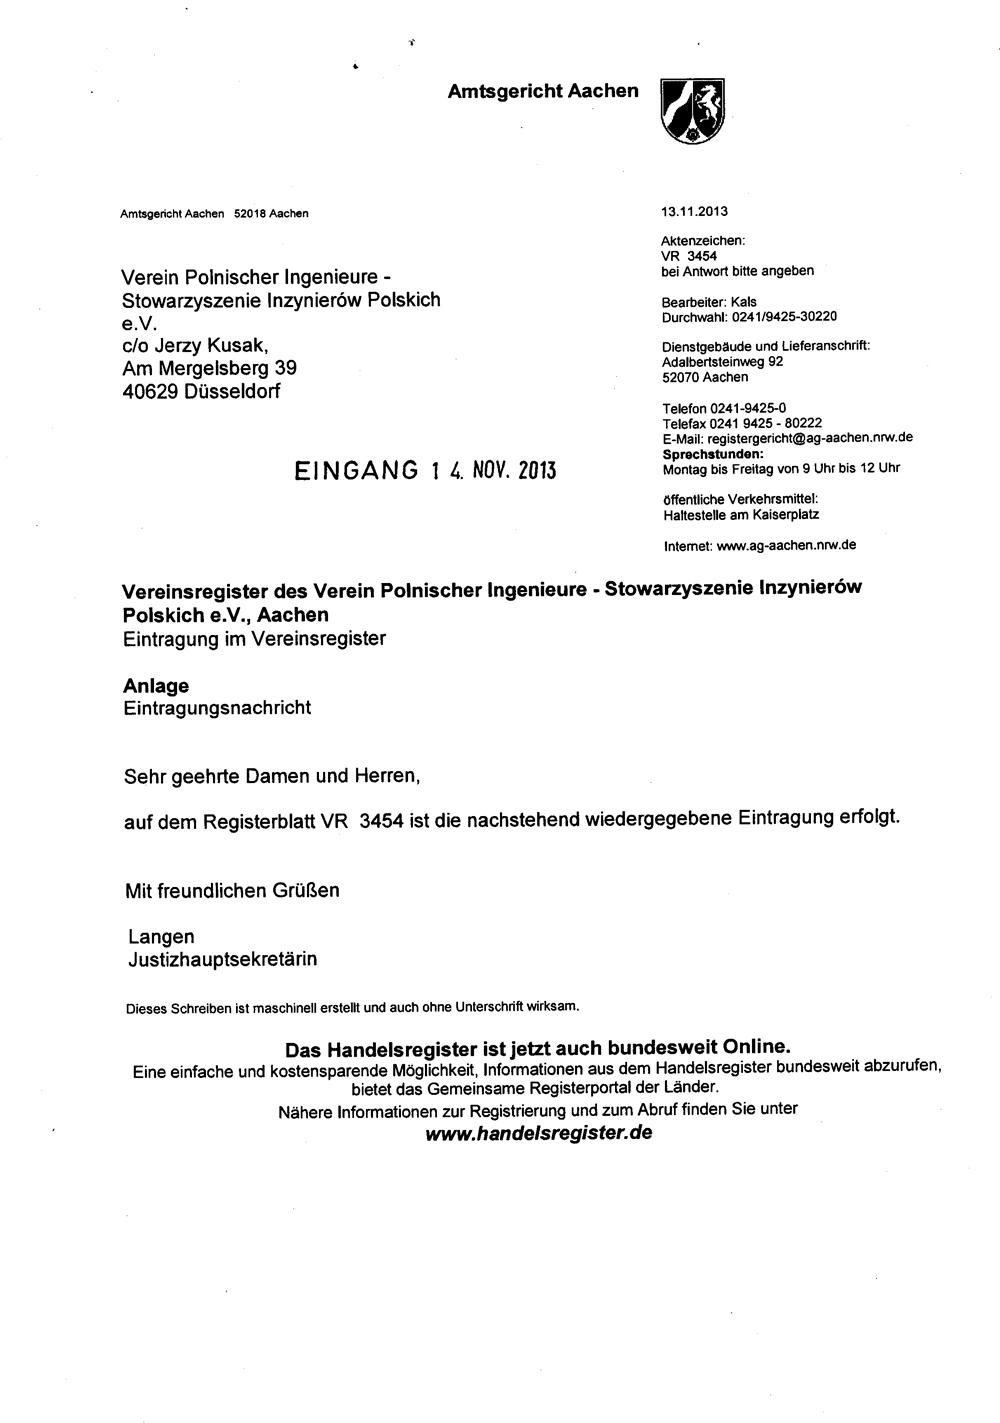 131113_Vereinsregister_Aachen-1